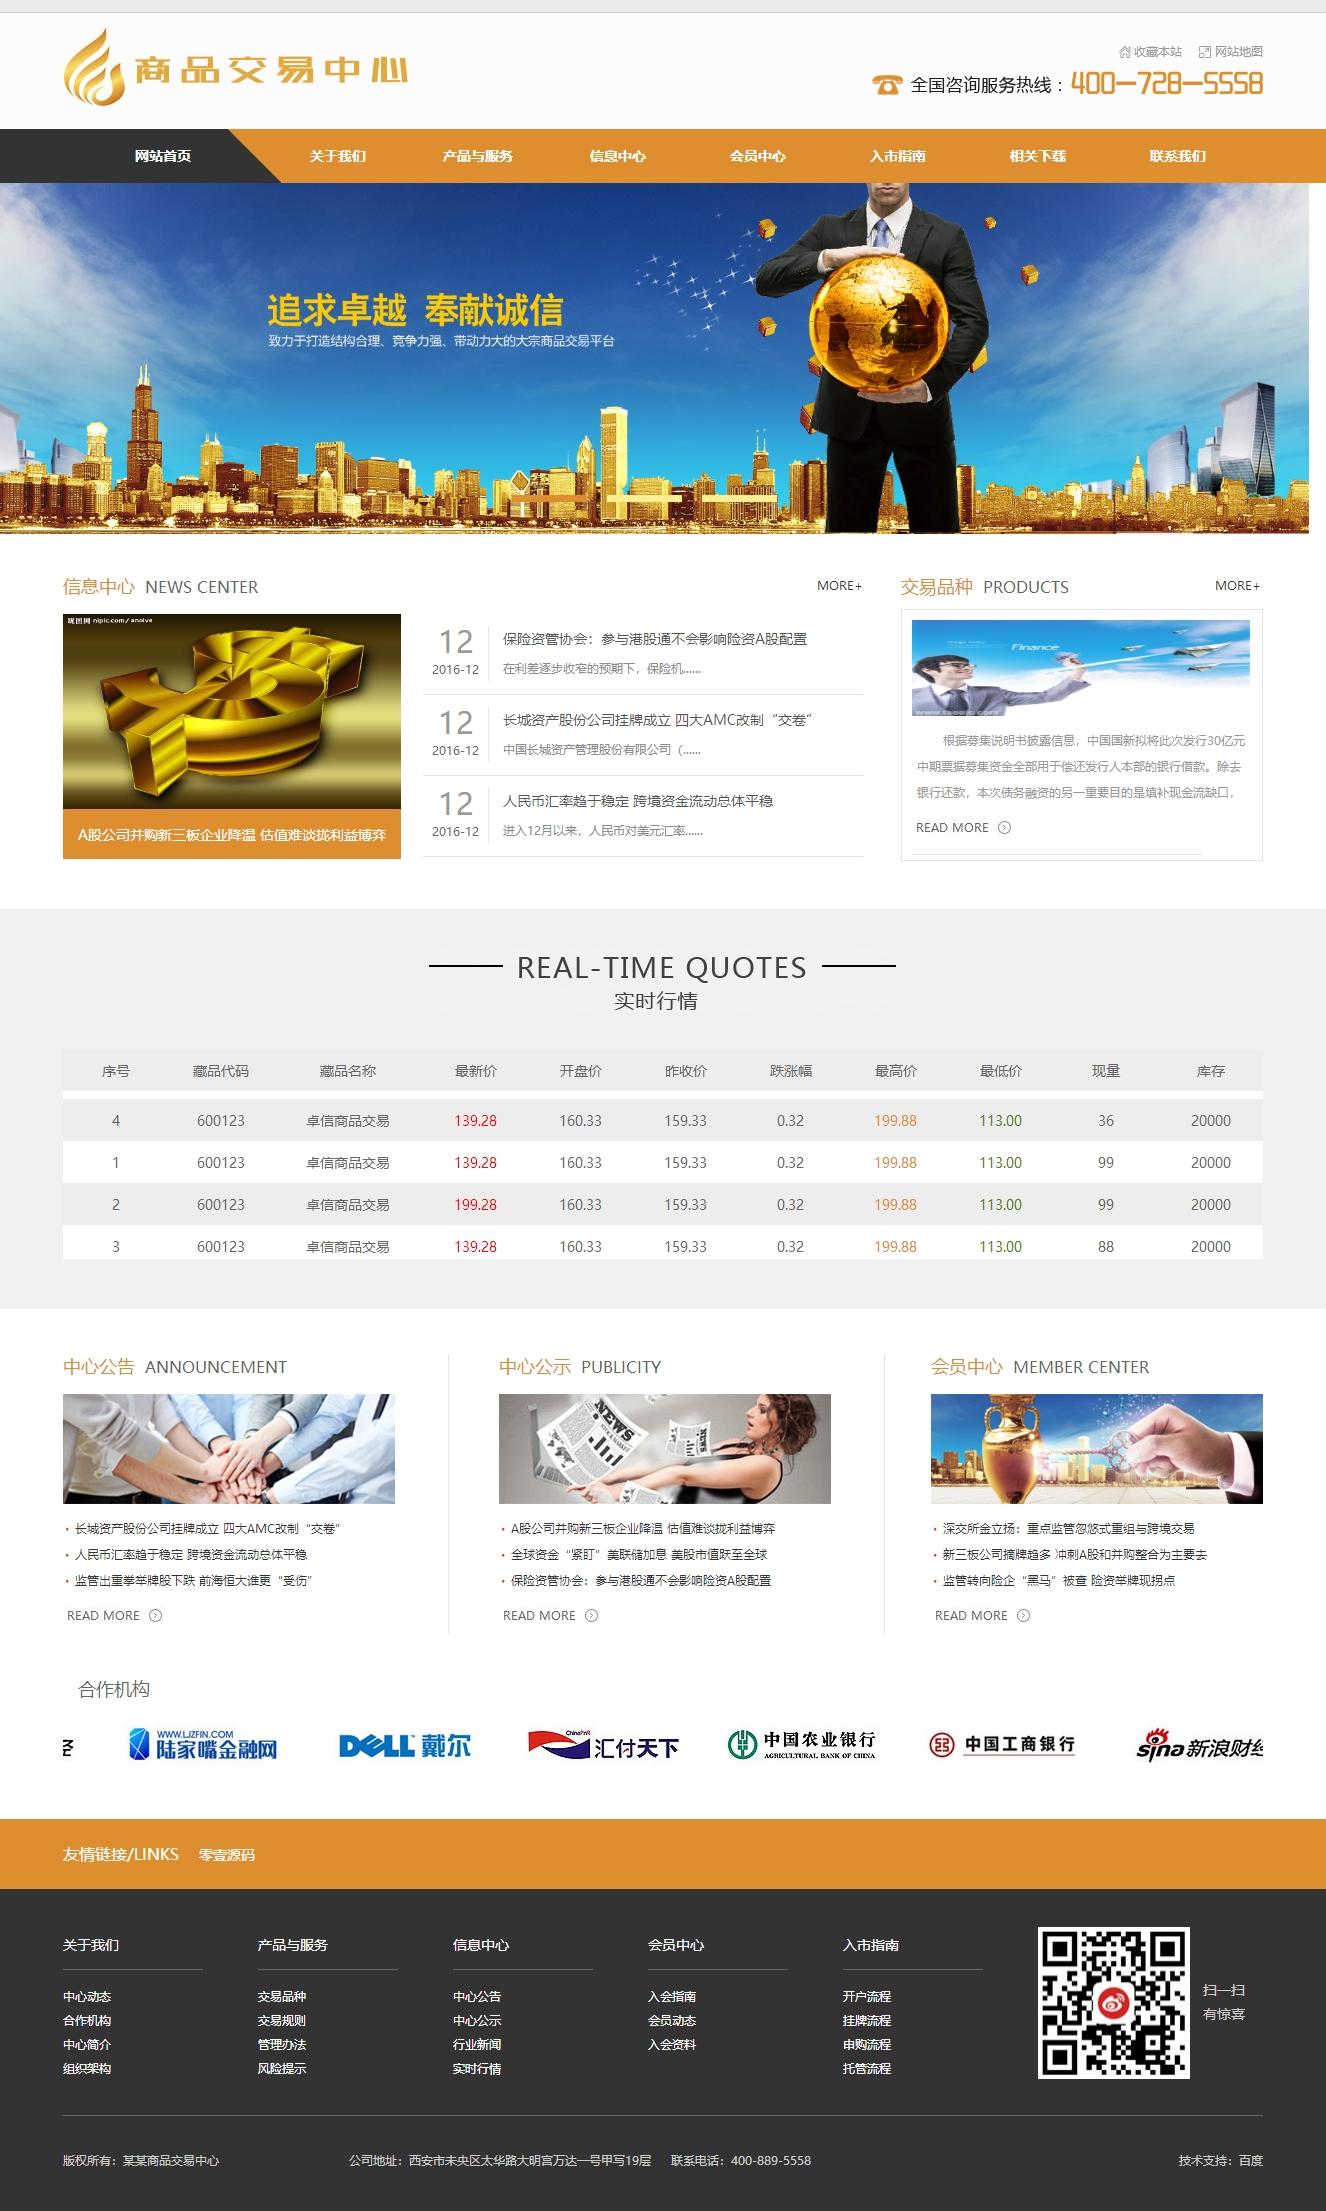 金融商品交易中心类网站织梦dedecms模板(带手机端)